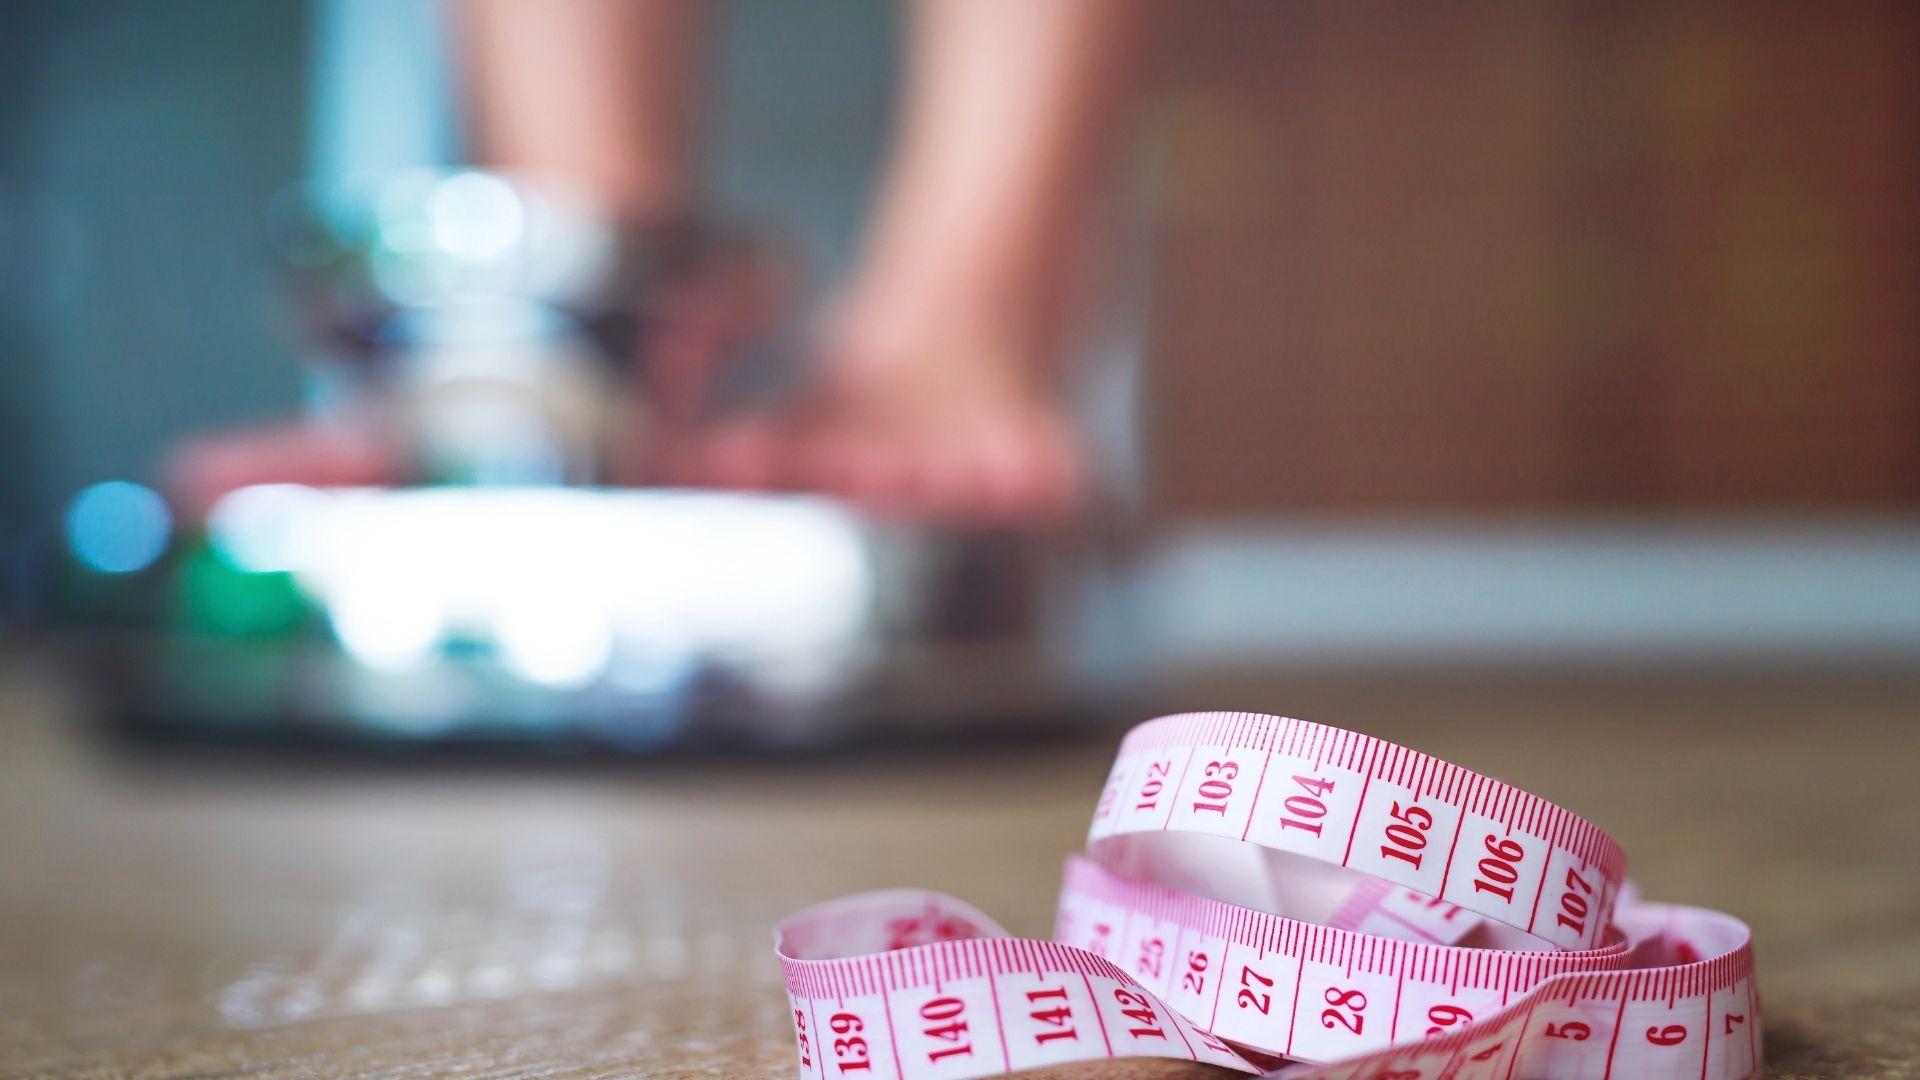 05 Tipps zum Abnehmen - Wiegen und Messen